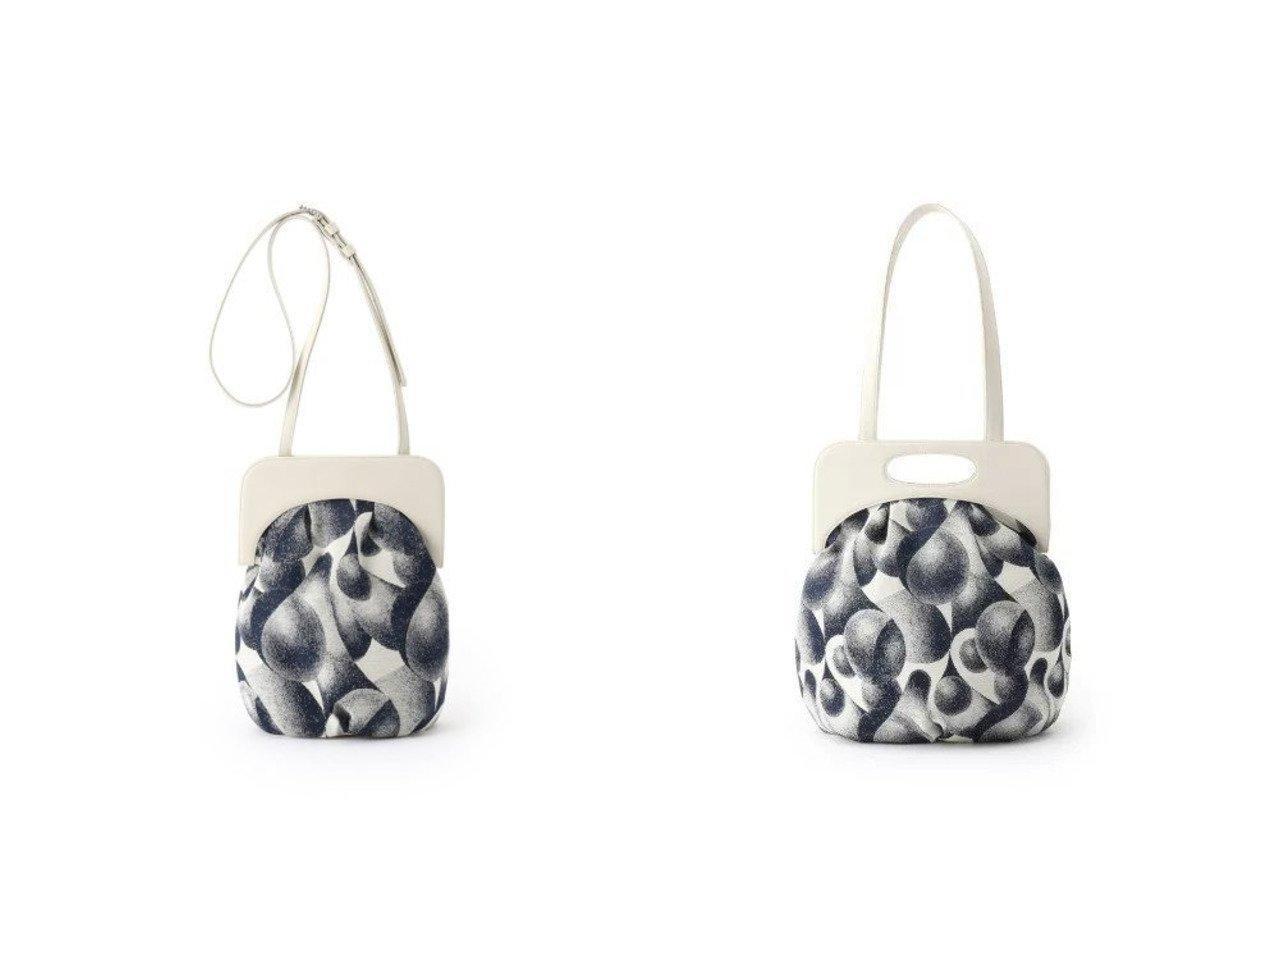 【HIROKO HAYASHI/ヒロコ ハヤシ】のARIA(アーリア)ショルダーバッグ&ARIA(アーリア)トートバッグ バッグ・鞄のおすすめ!人気、トレンド・レディースファッションの通販 おすすめで人気の流行・トレンド、ファッションの通販商品 メンズファッション・キッズファッション・インテリア・家具・レディースファッション・服の通販 founy(ファニー) https://founy.com/ ファッション Fashion レディースファッション WOMEN バッグ Bag ジャカード フォルム マグネット |ID:crp329100000015349